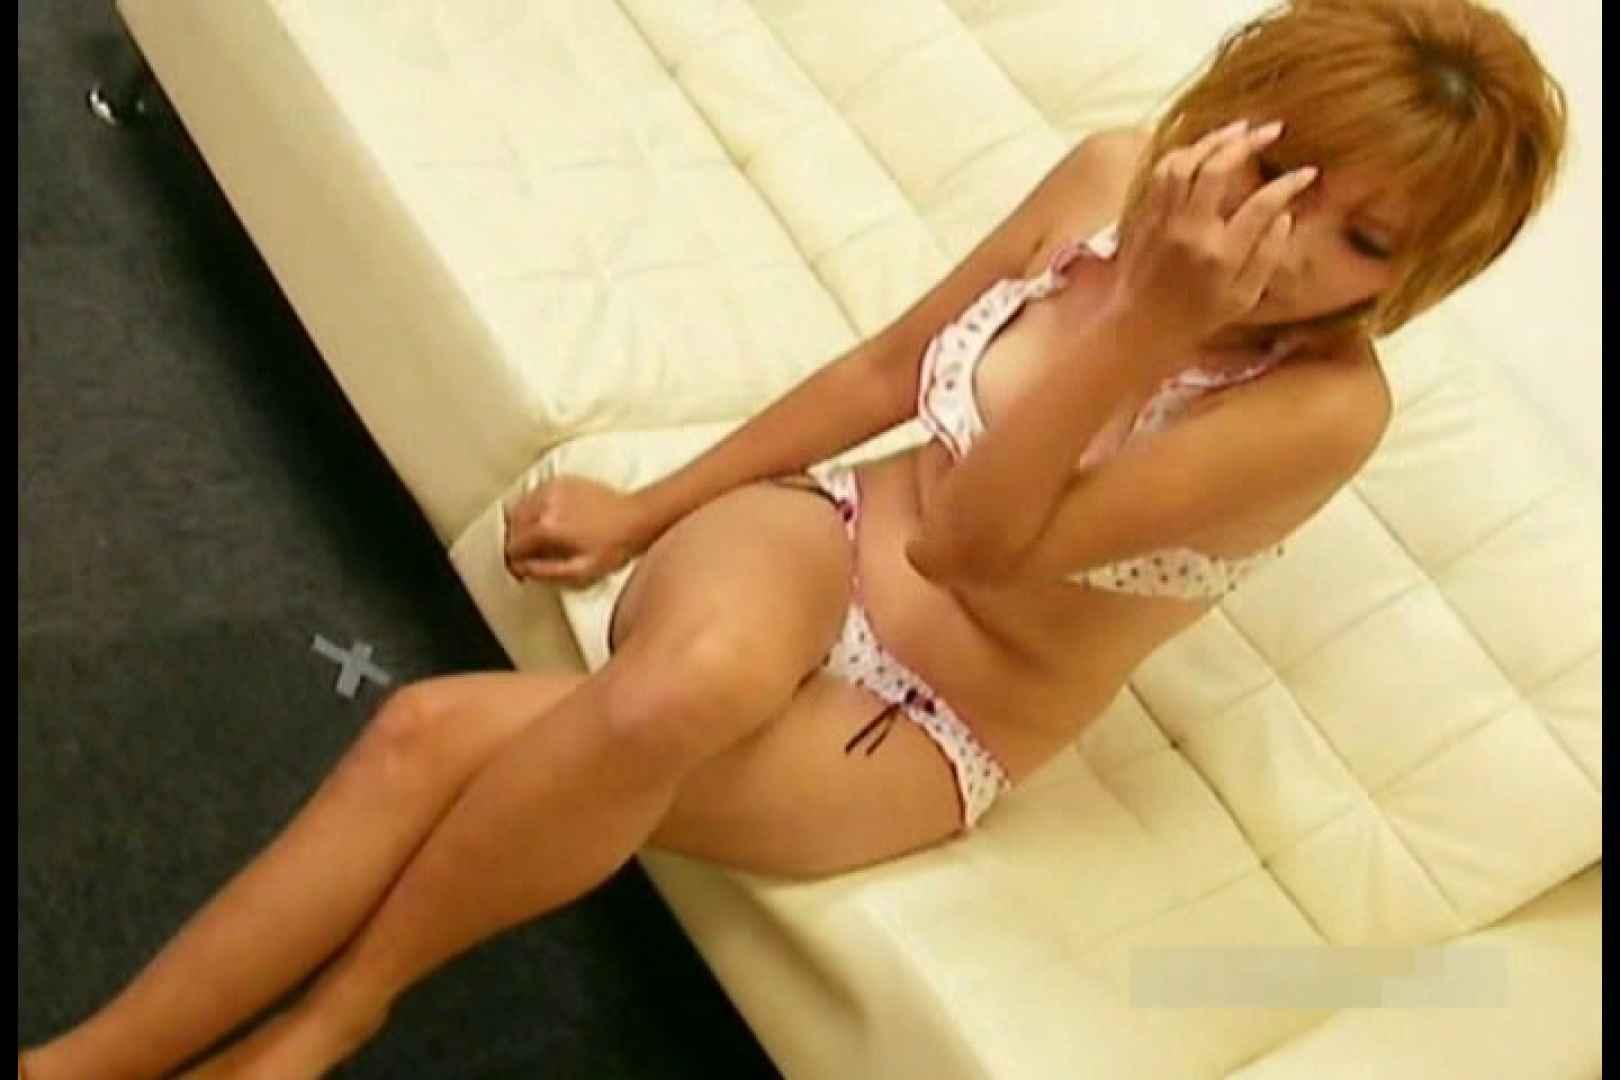 素人撮影 下着だけの撮影のはずが・・・りな18歳 水着  100pic 61